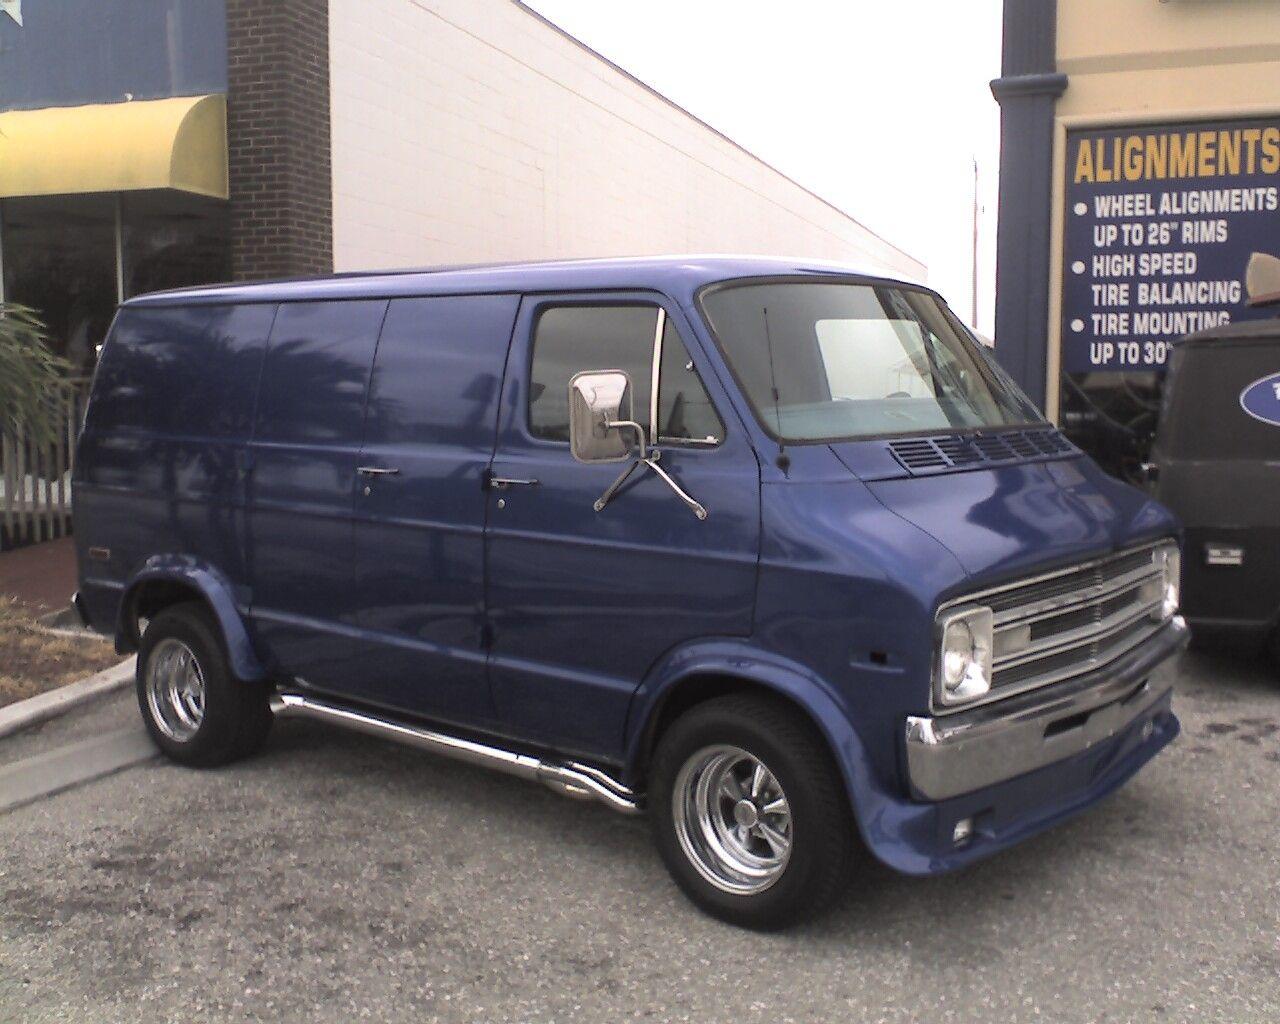 1977 dodge van rsport711 s 1977 dodge ram van 150 vannin pinterest dodge van vans and. Black Bedroom Furniture Sets. Home Design Ideas